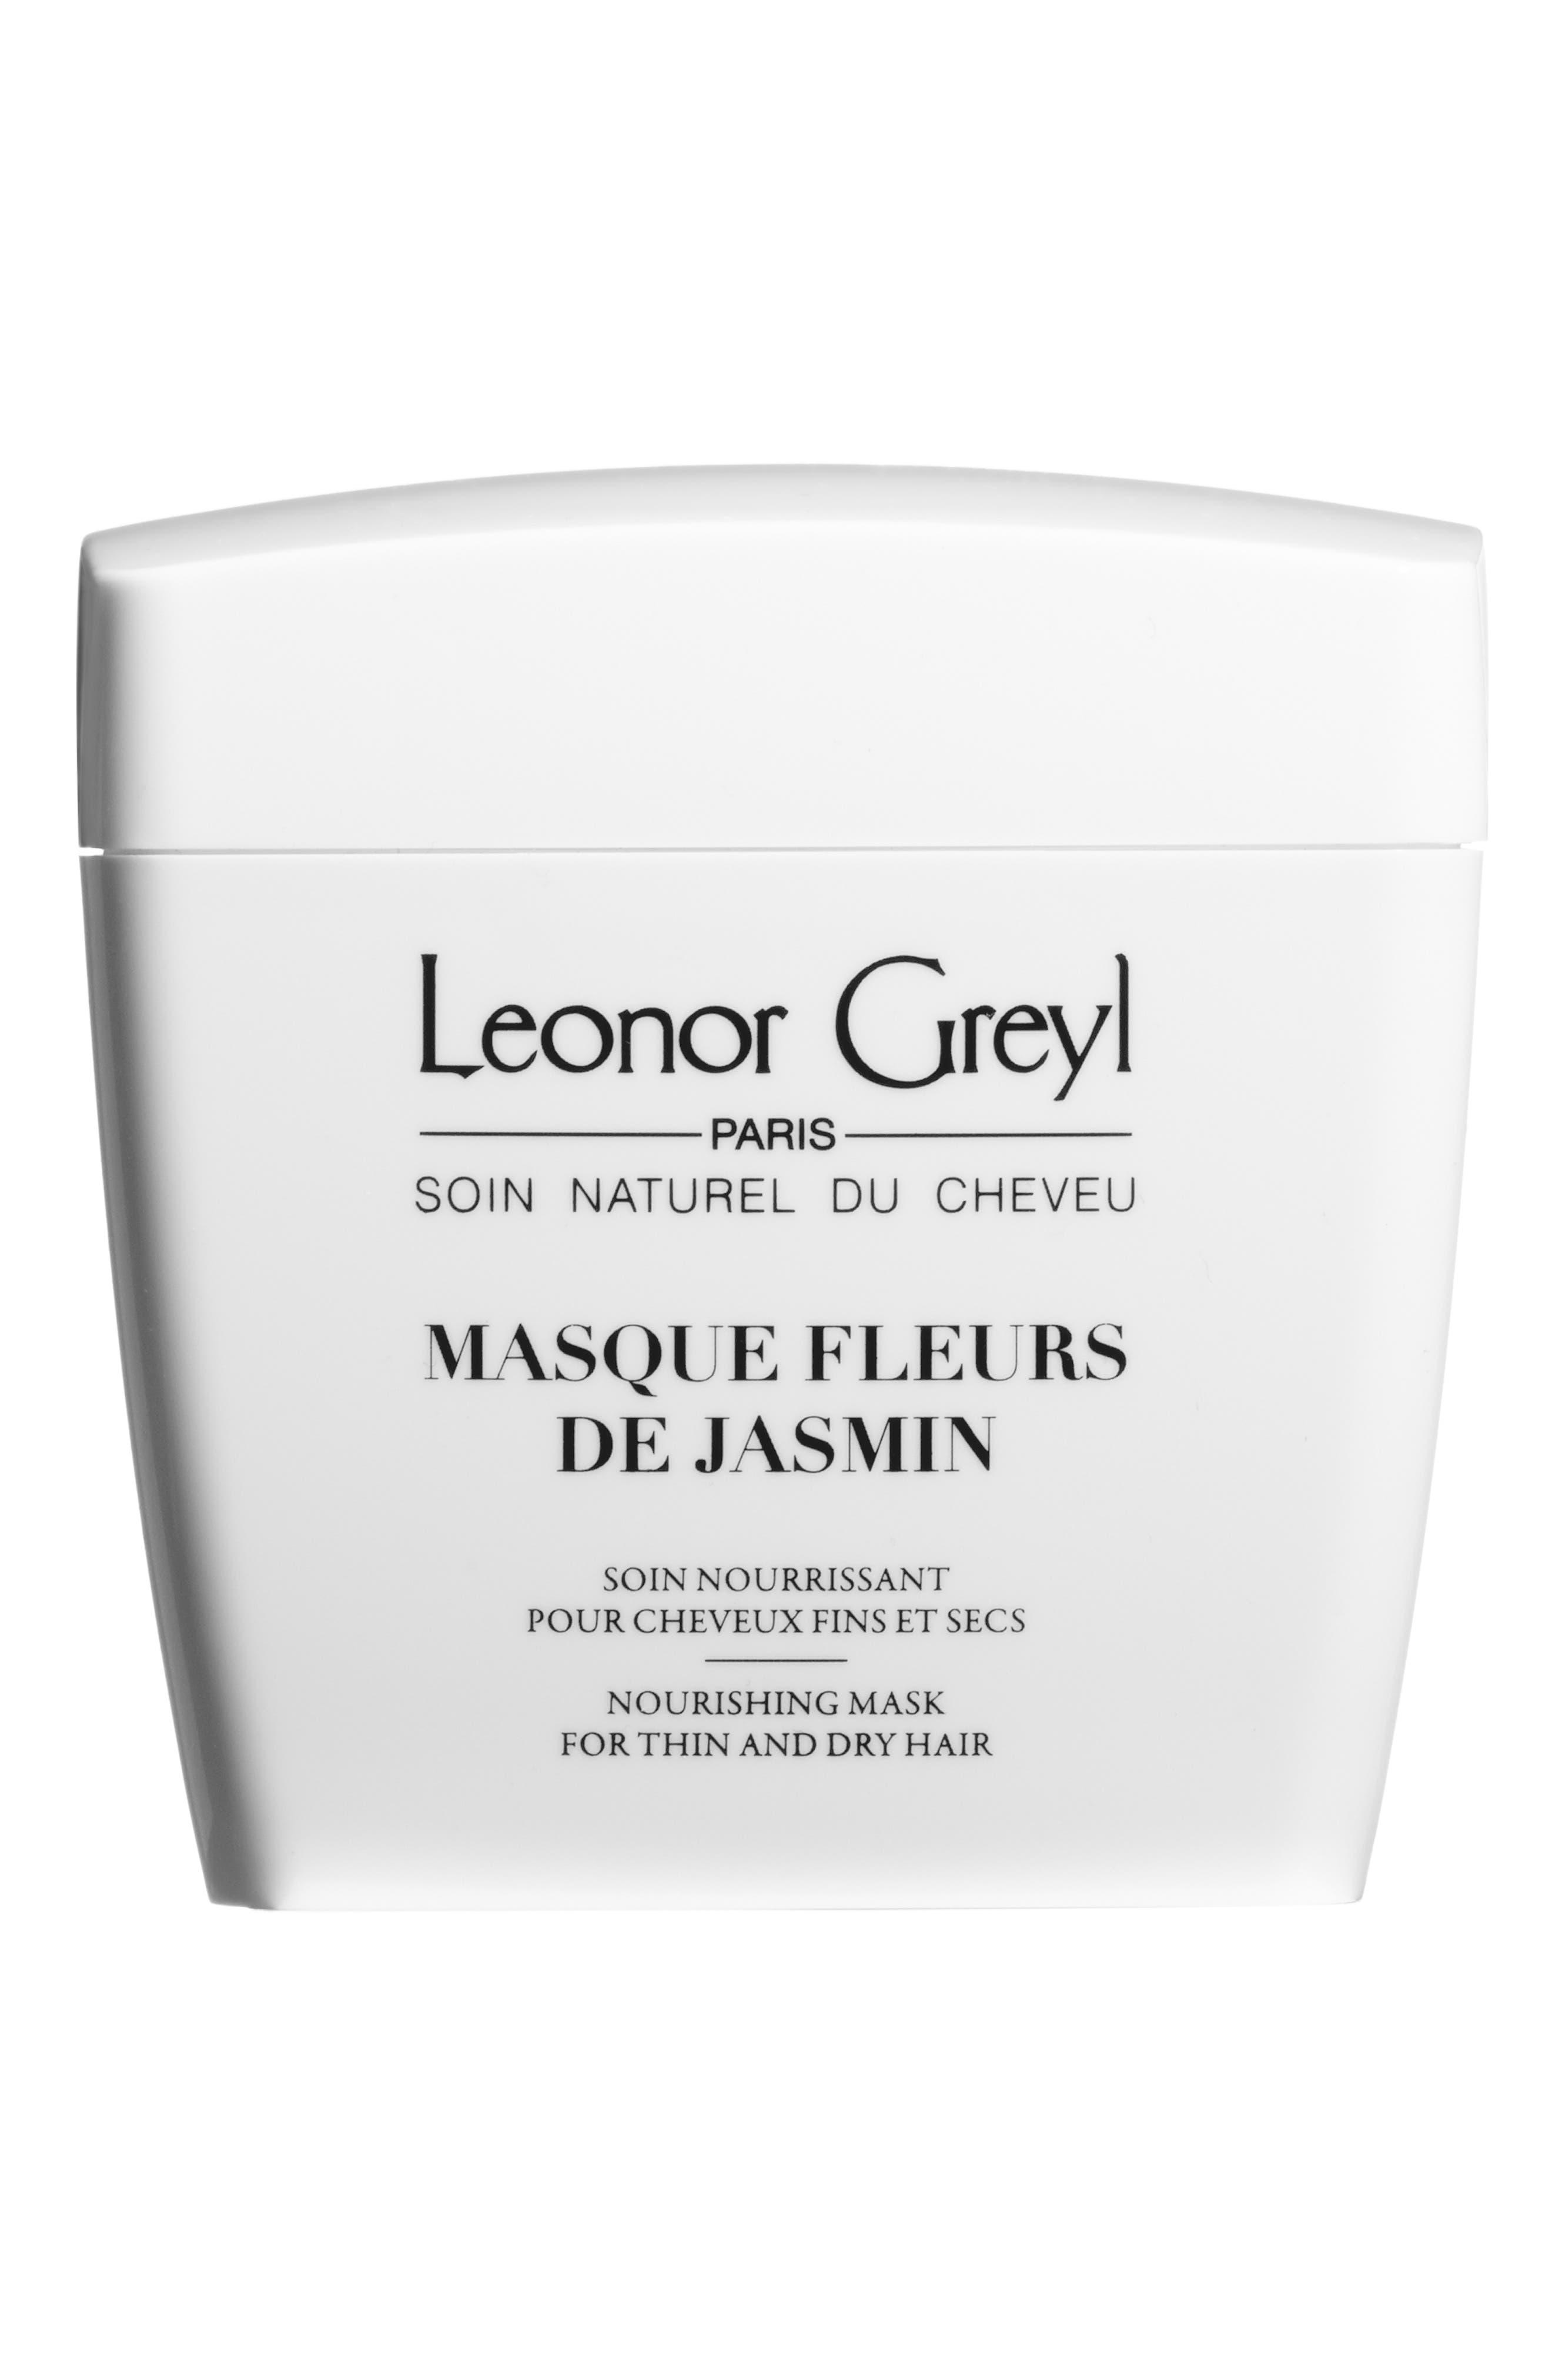 Masque Fleurs De Jasmin Nourishing Hair Mask